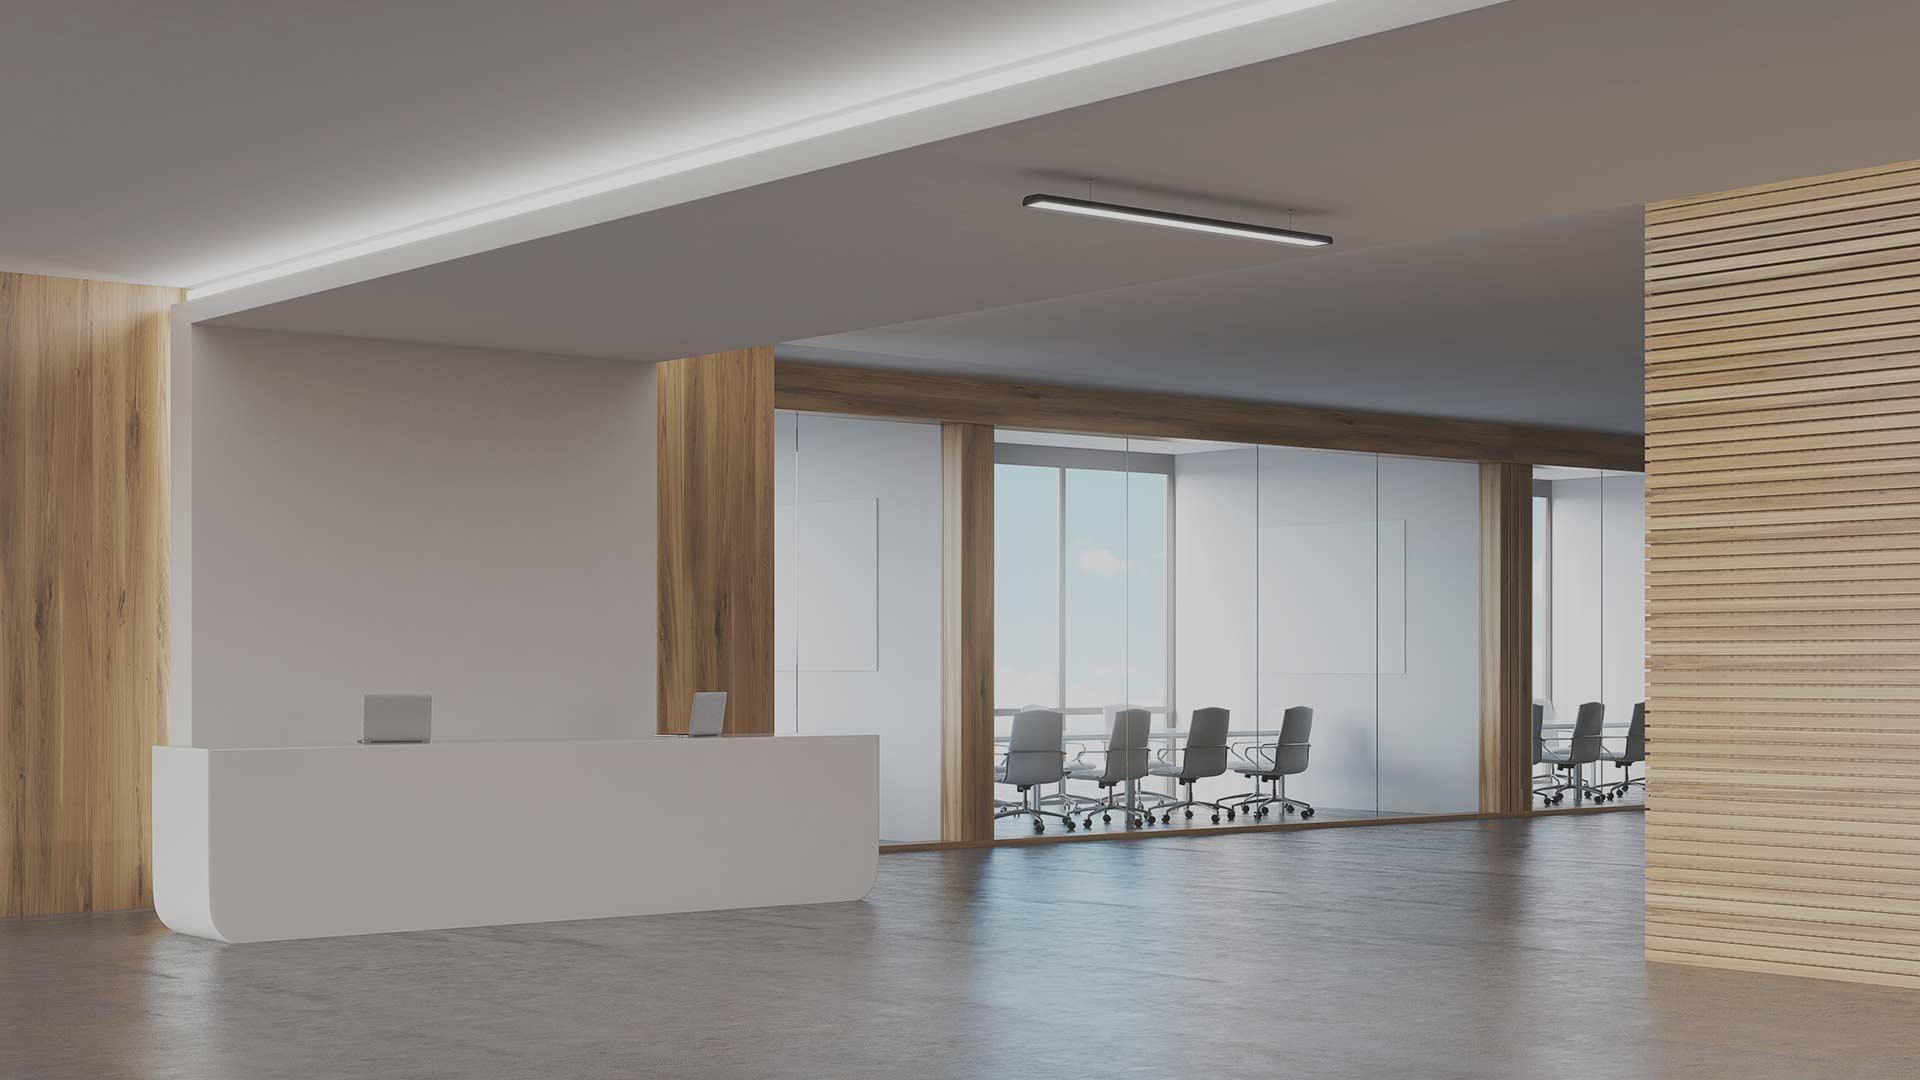 Innvendig kontorlokale med spilevegger og gulvbelegg